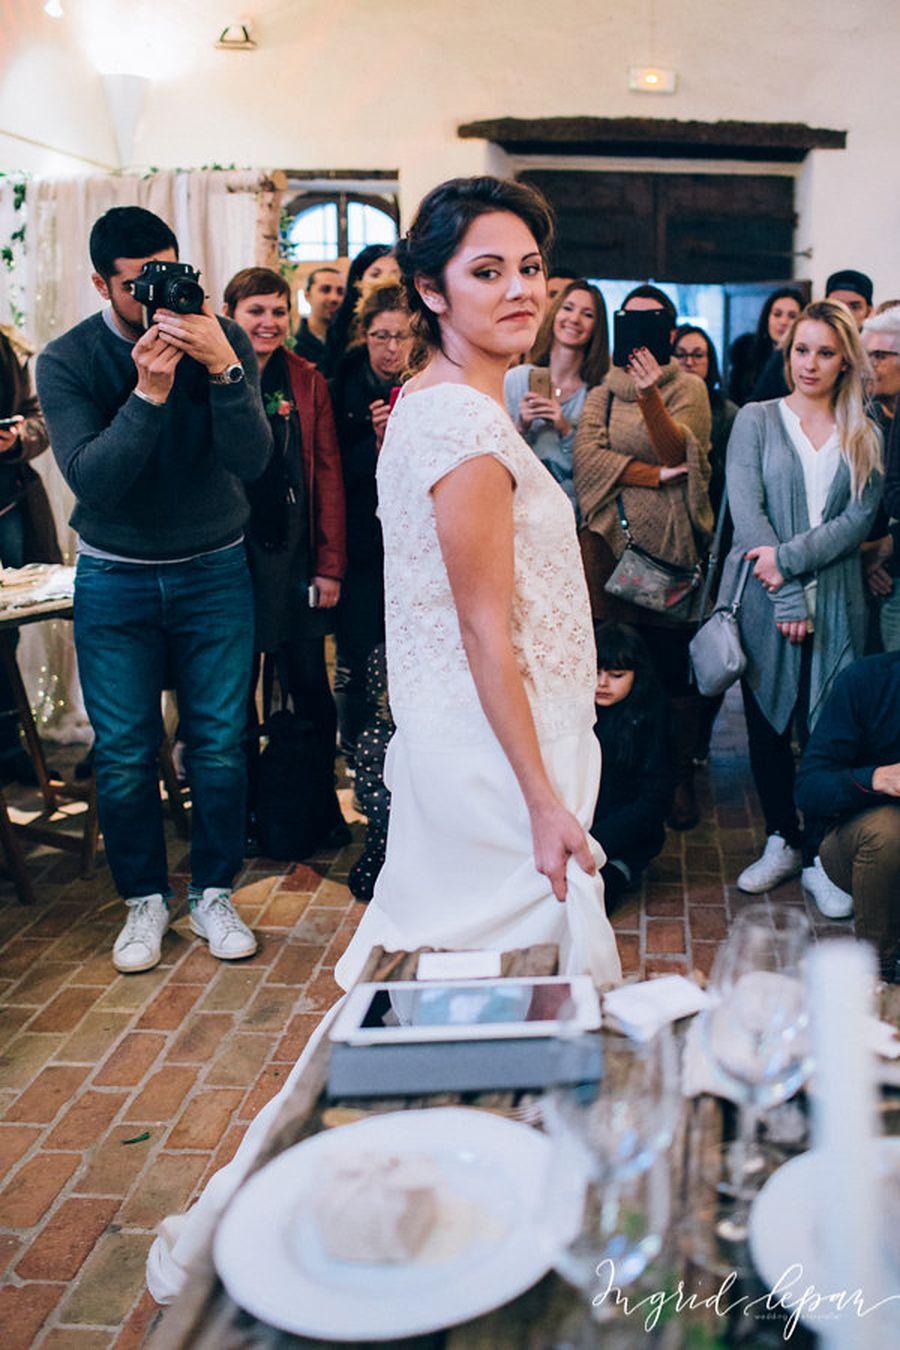 ingrid-lepan-ouiii-l-atelier-salon-du-mariage-cote-d-azur173